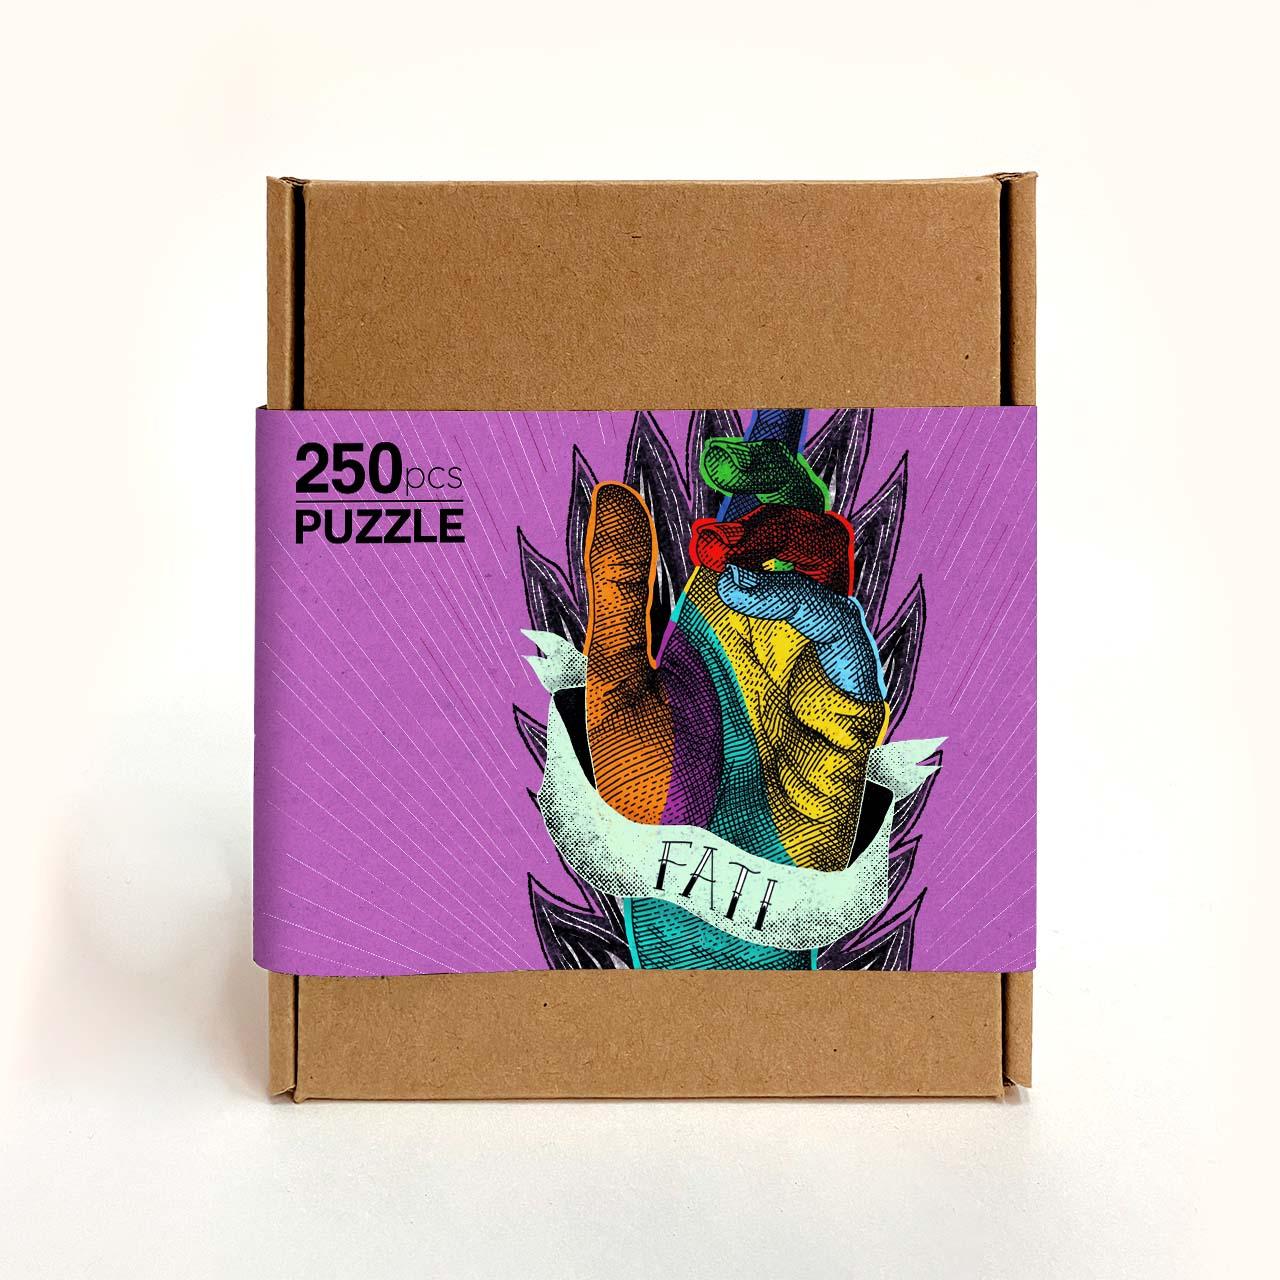 Puzzle illustrato Fati 250 pz